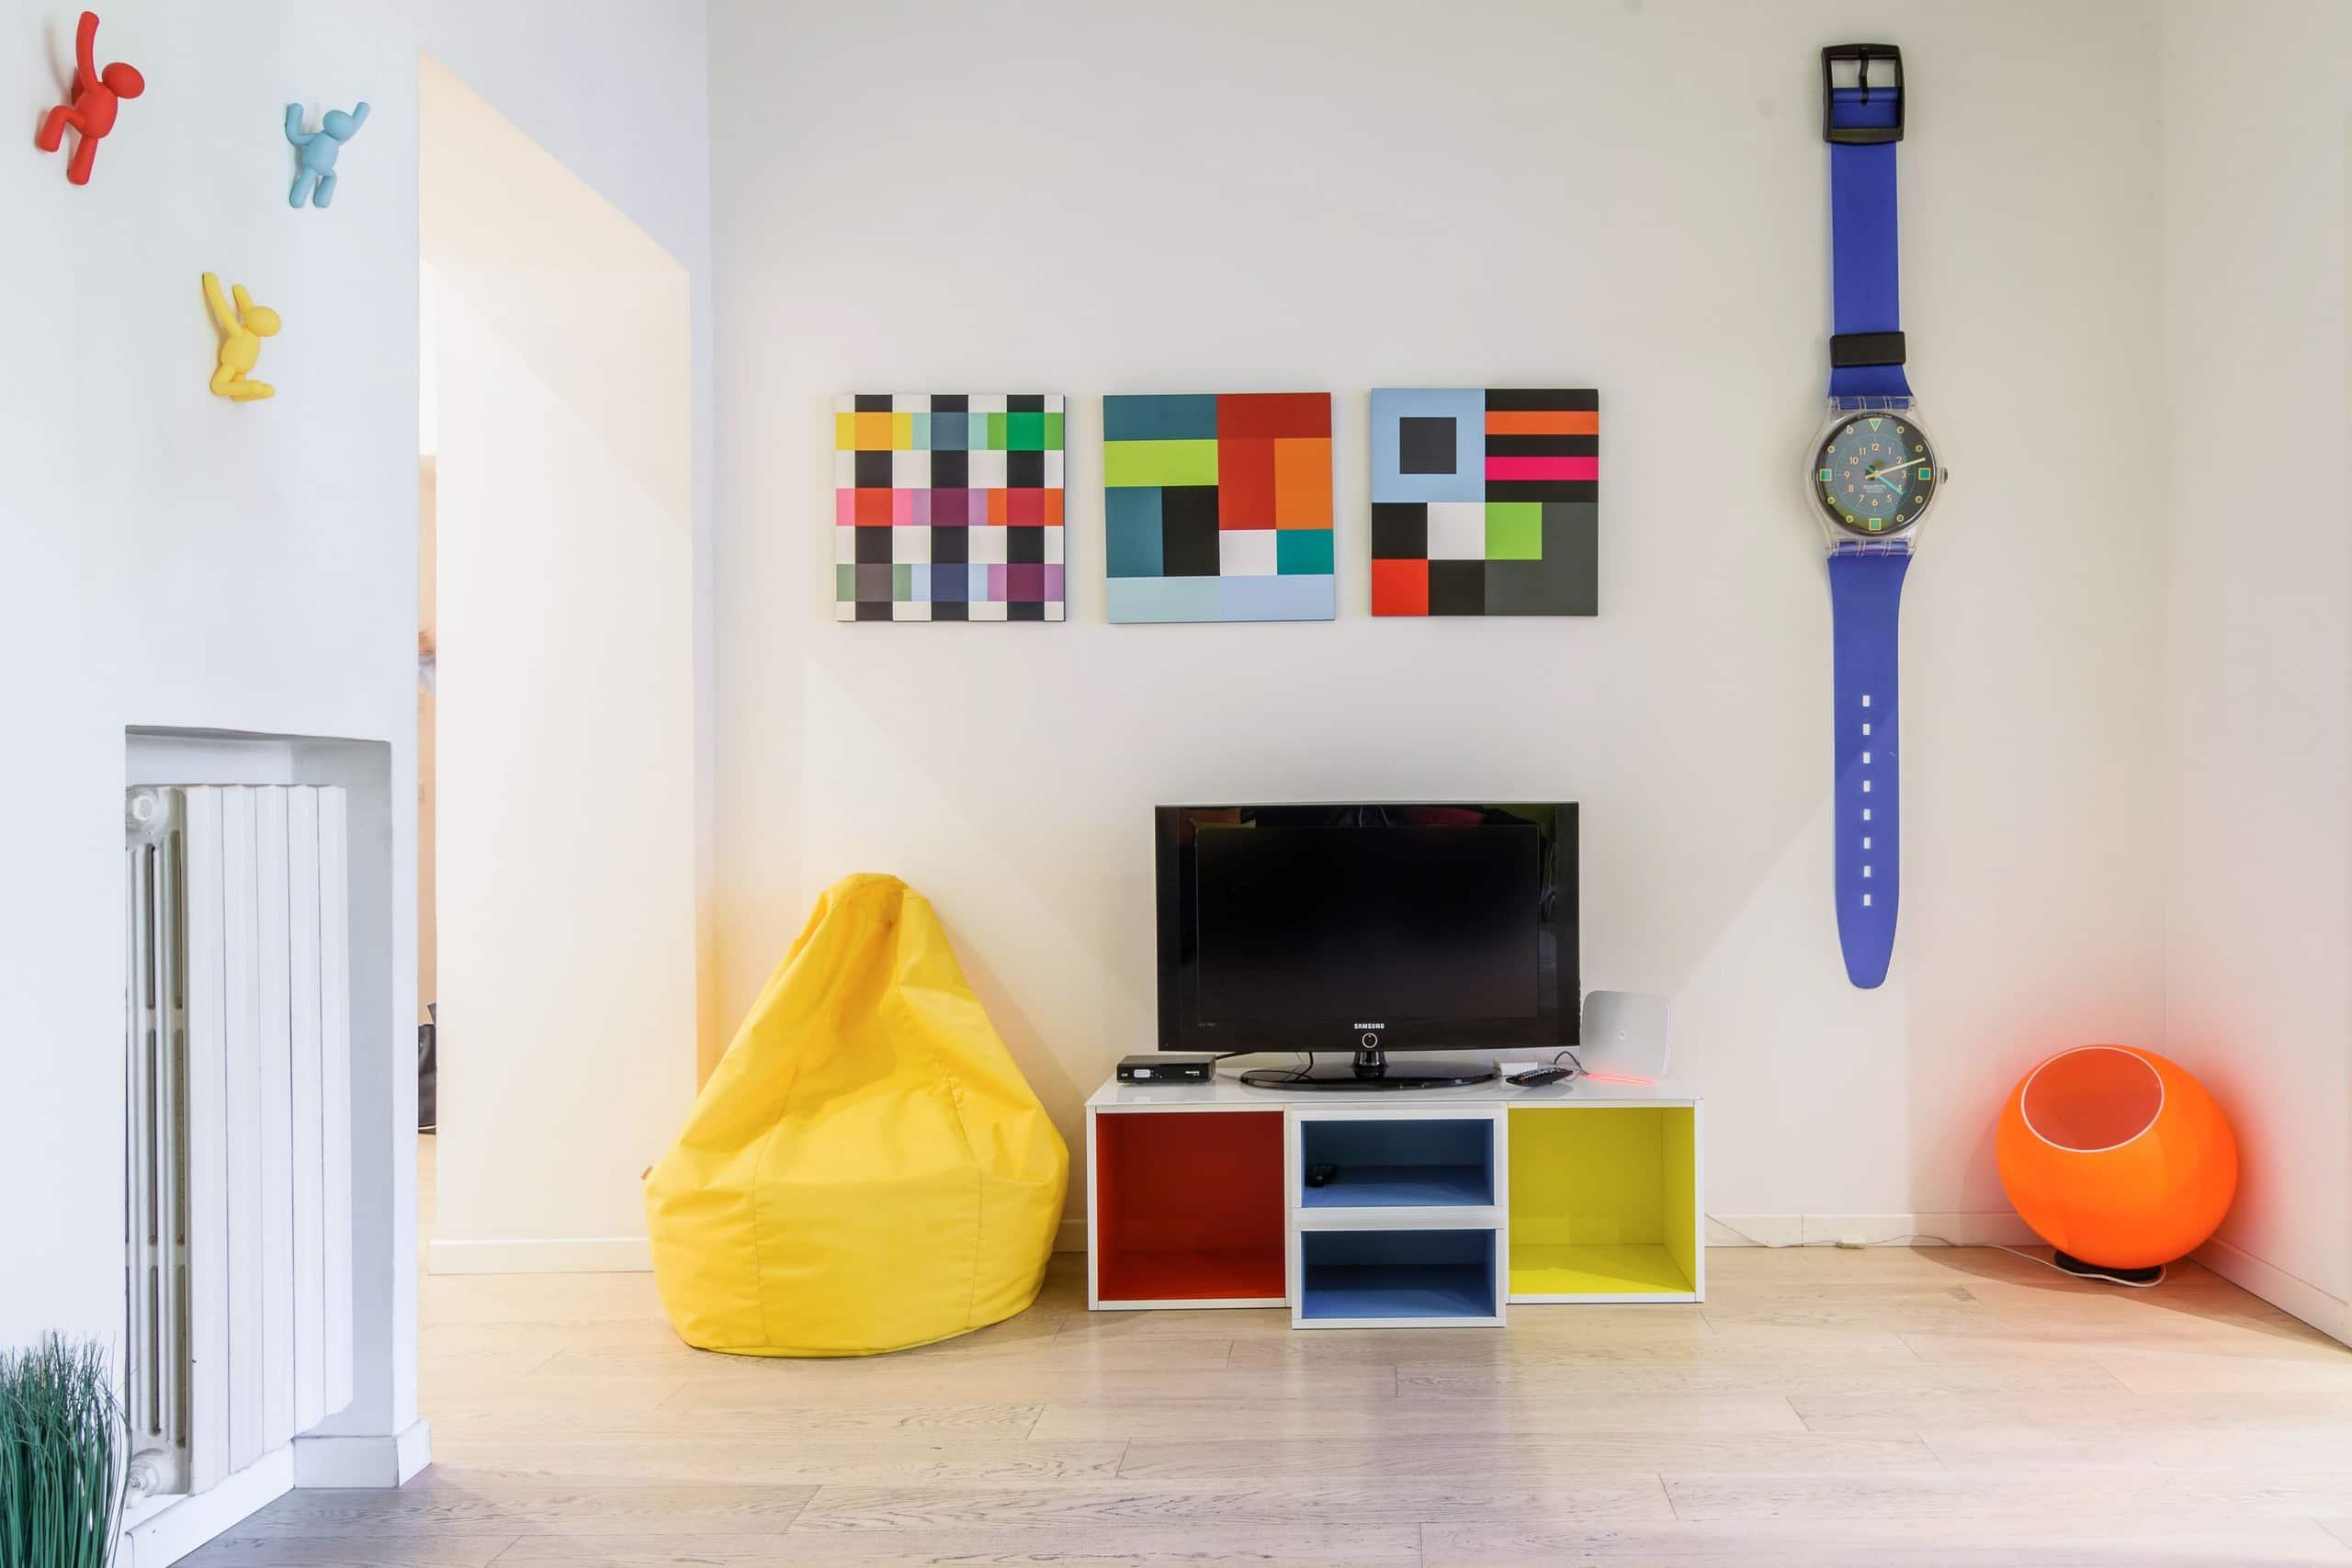 appartamento colorato e di design vicino a navigli appartements louer milan lombardia italie. Black Bedroom Furniture Sets. Home Design Ideas